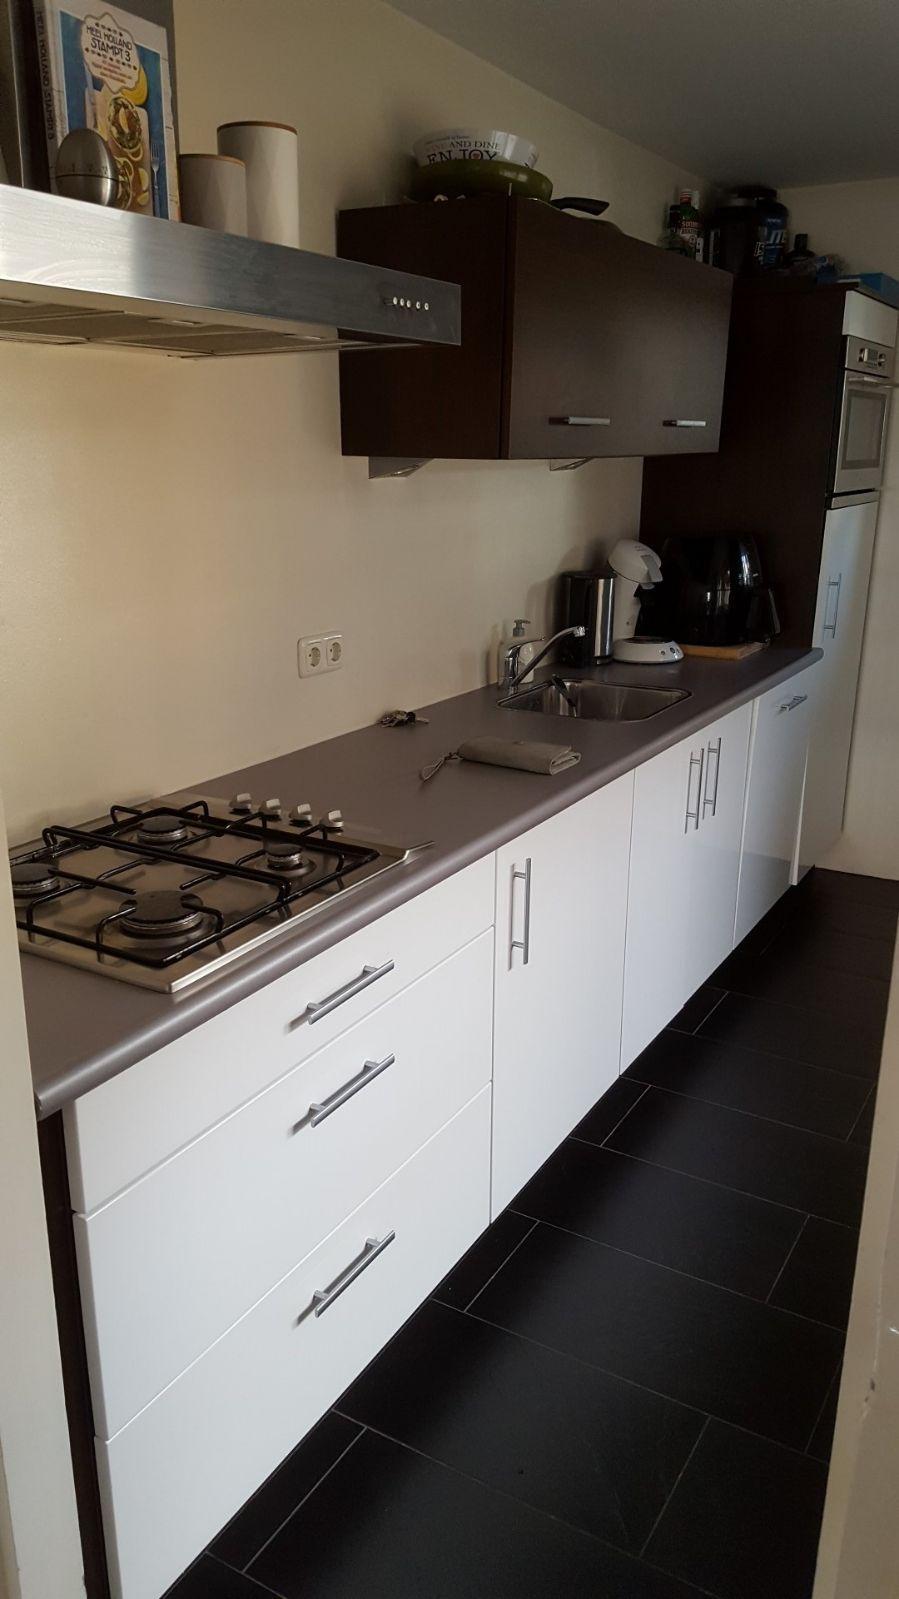 samen-met-mijn-vriend-bijna-man-hebben-we-ons-eerste-huis-gekocht-we-krijgen-binnenkort-de-sleutel-en-mogen-we-deze-keuken-ons-eigen-maken-daarbij-is-natuurlijk-een-mooie-prijs-van-harte-welkom